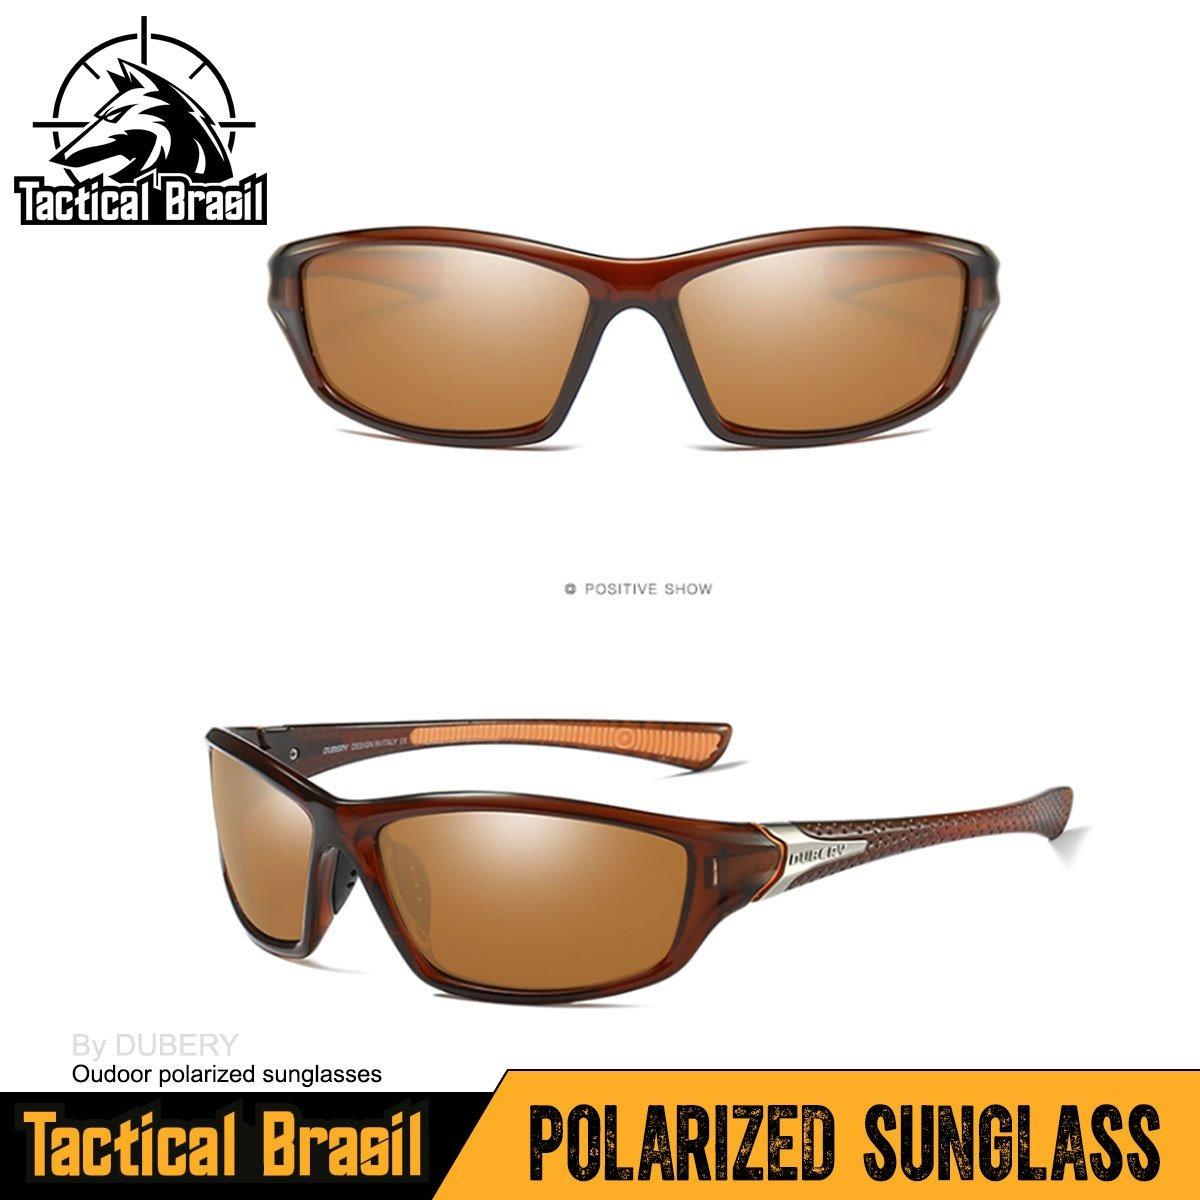 2769c8fe8c91a Óculos De Sol Maculino Polarizado Hd Uv400 Dubery Tea - R  120,00 em ...